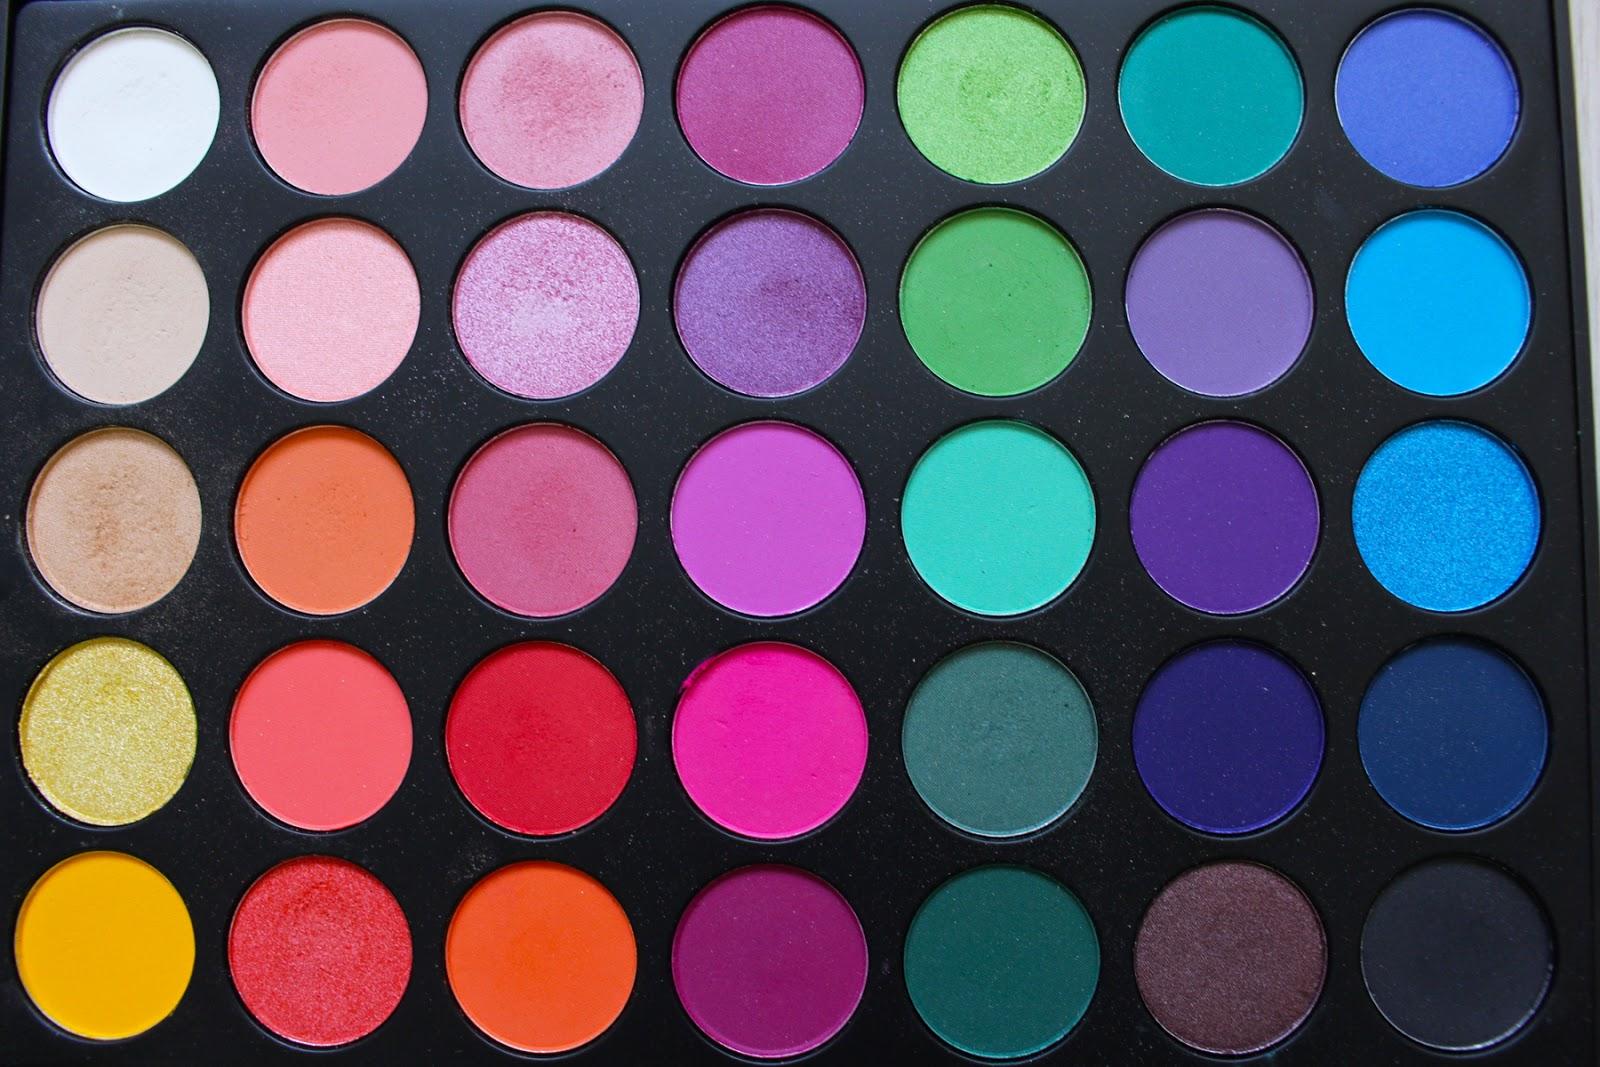 morphe brushes 35b palette